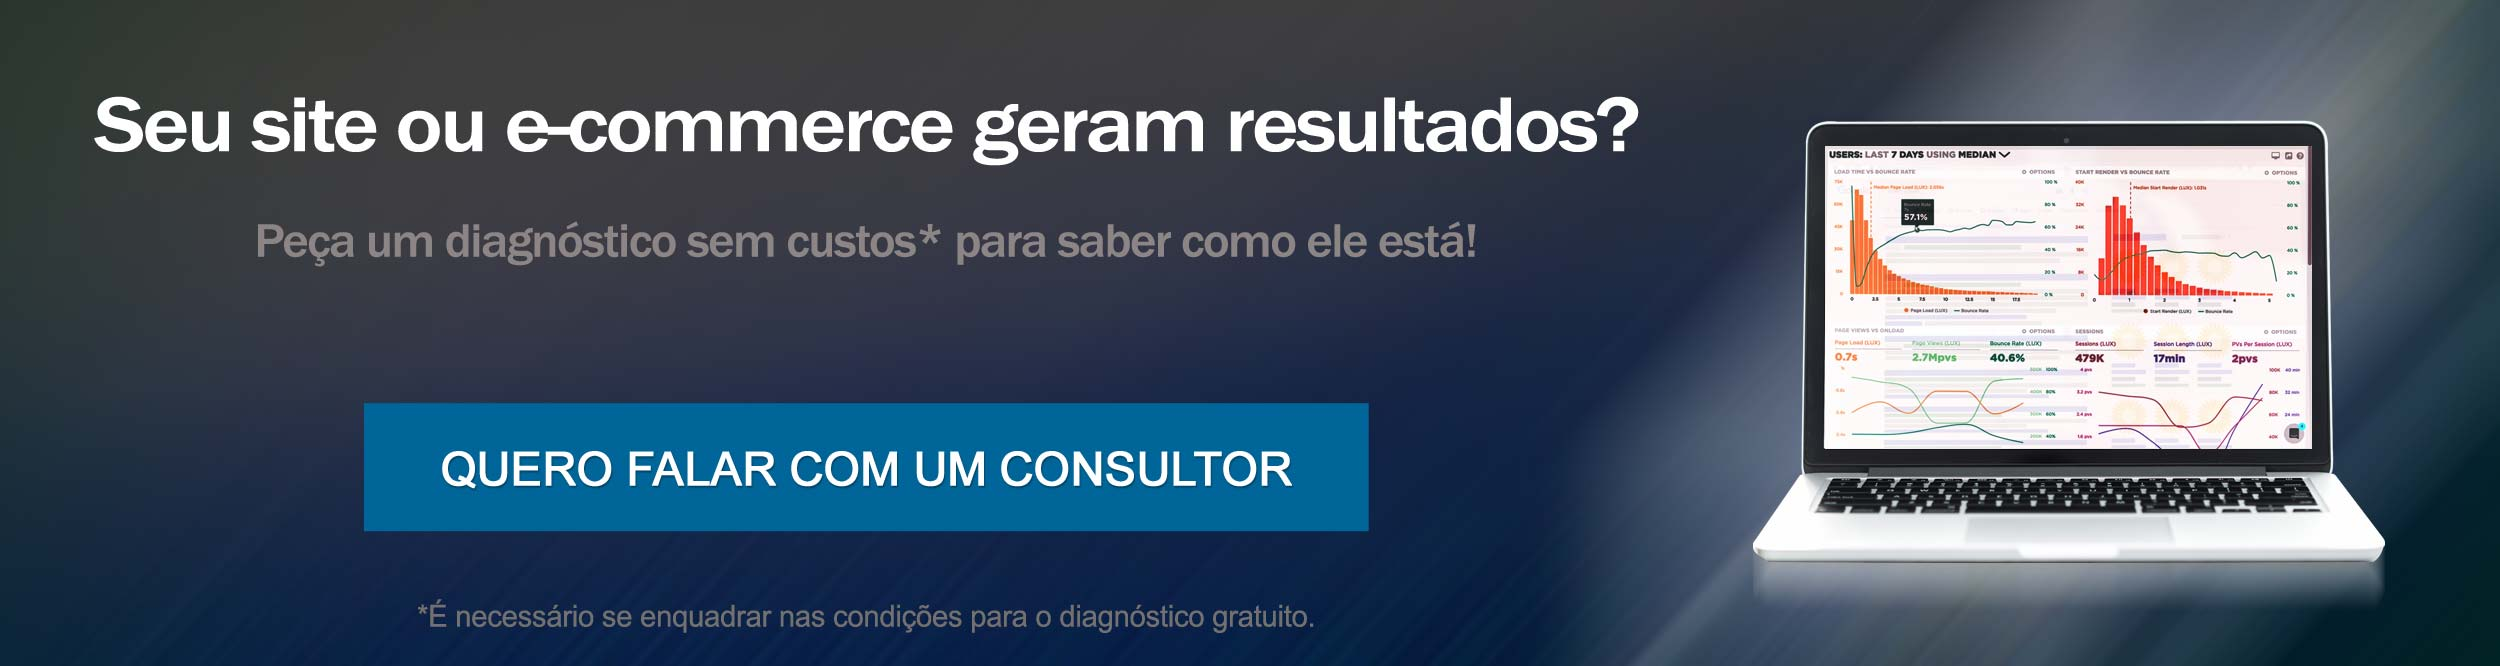 Peça um diagnóstico de seu site, agora!